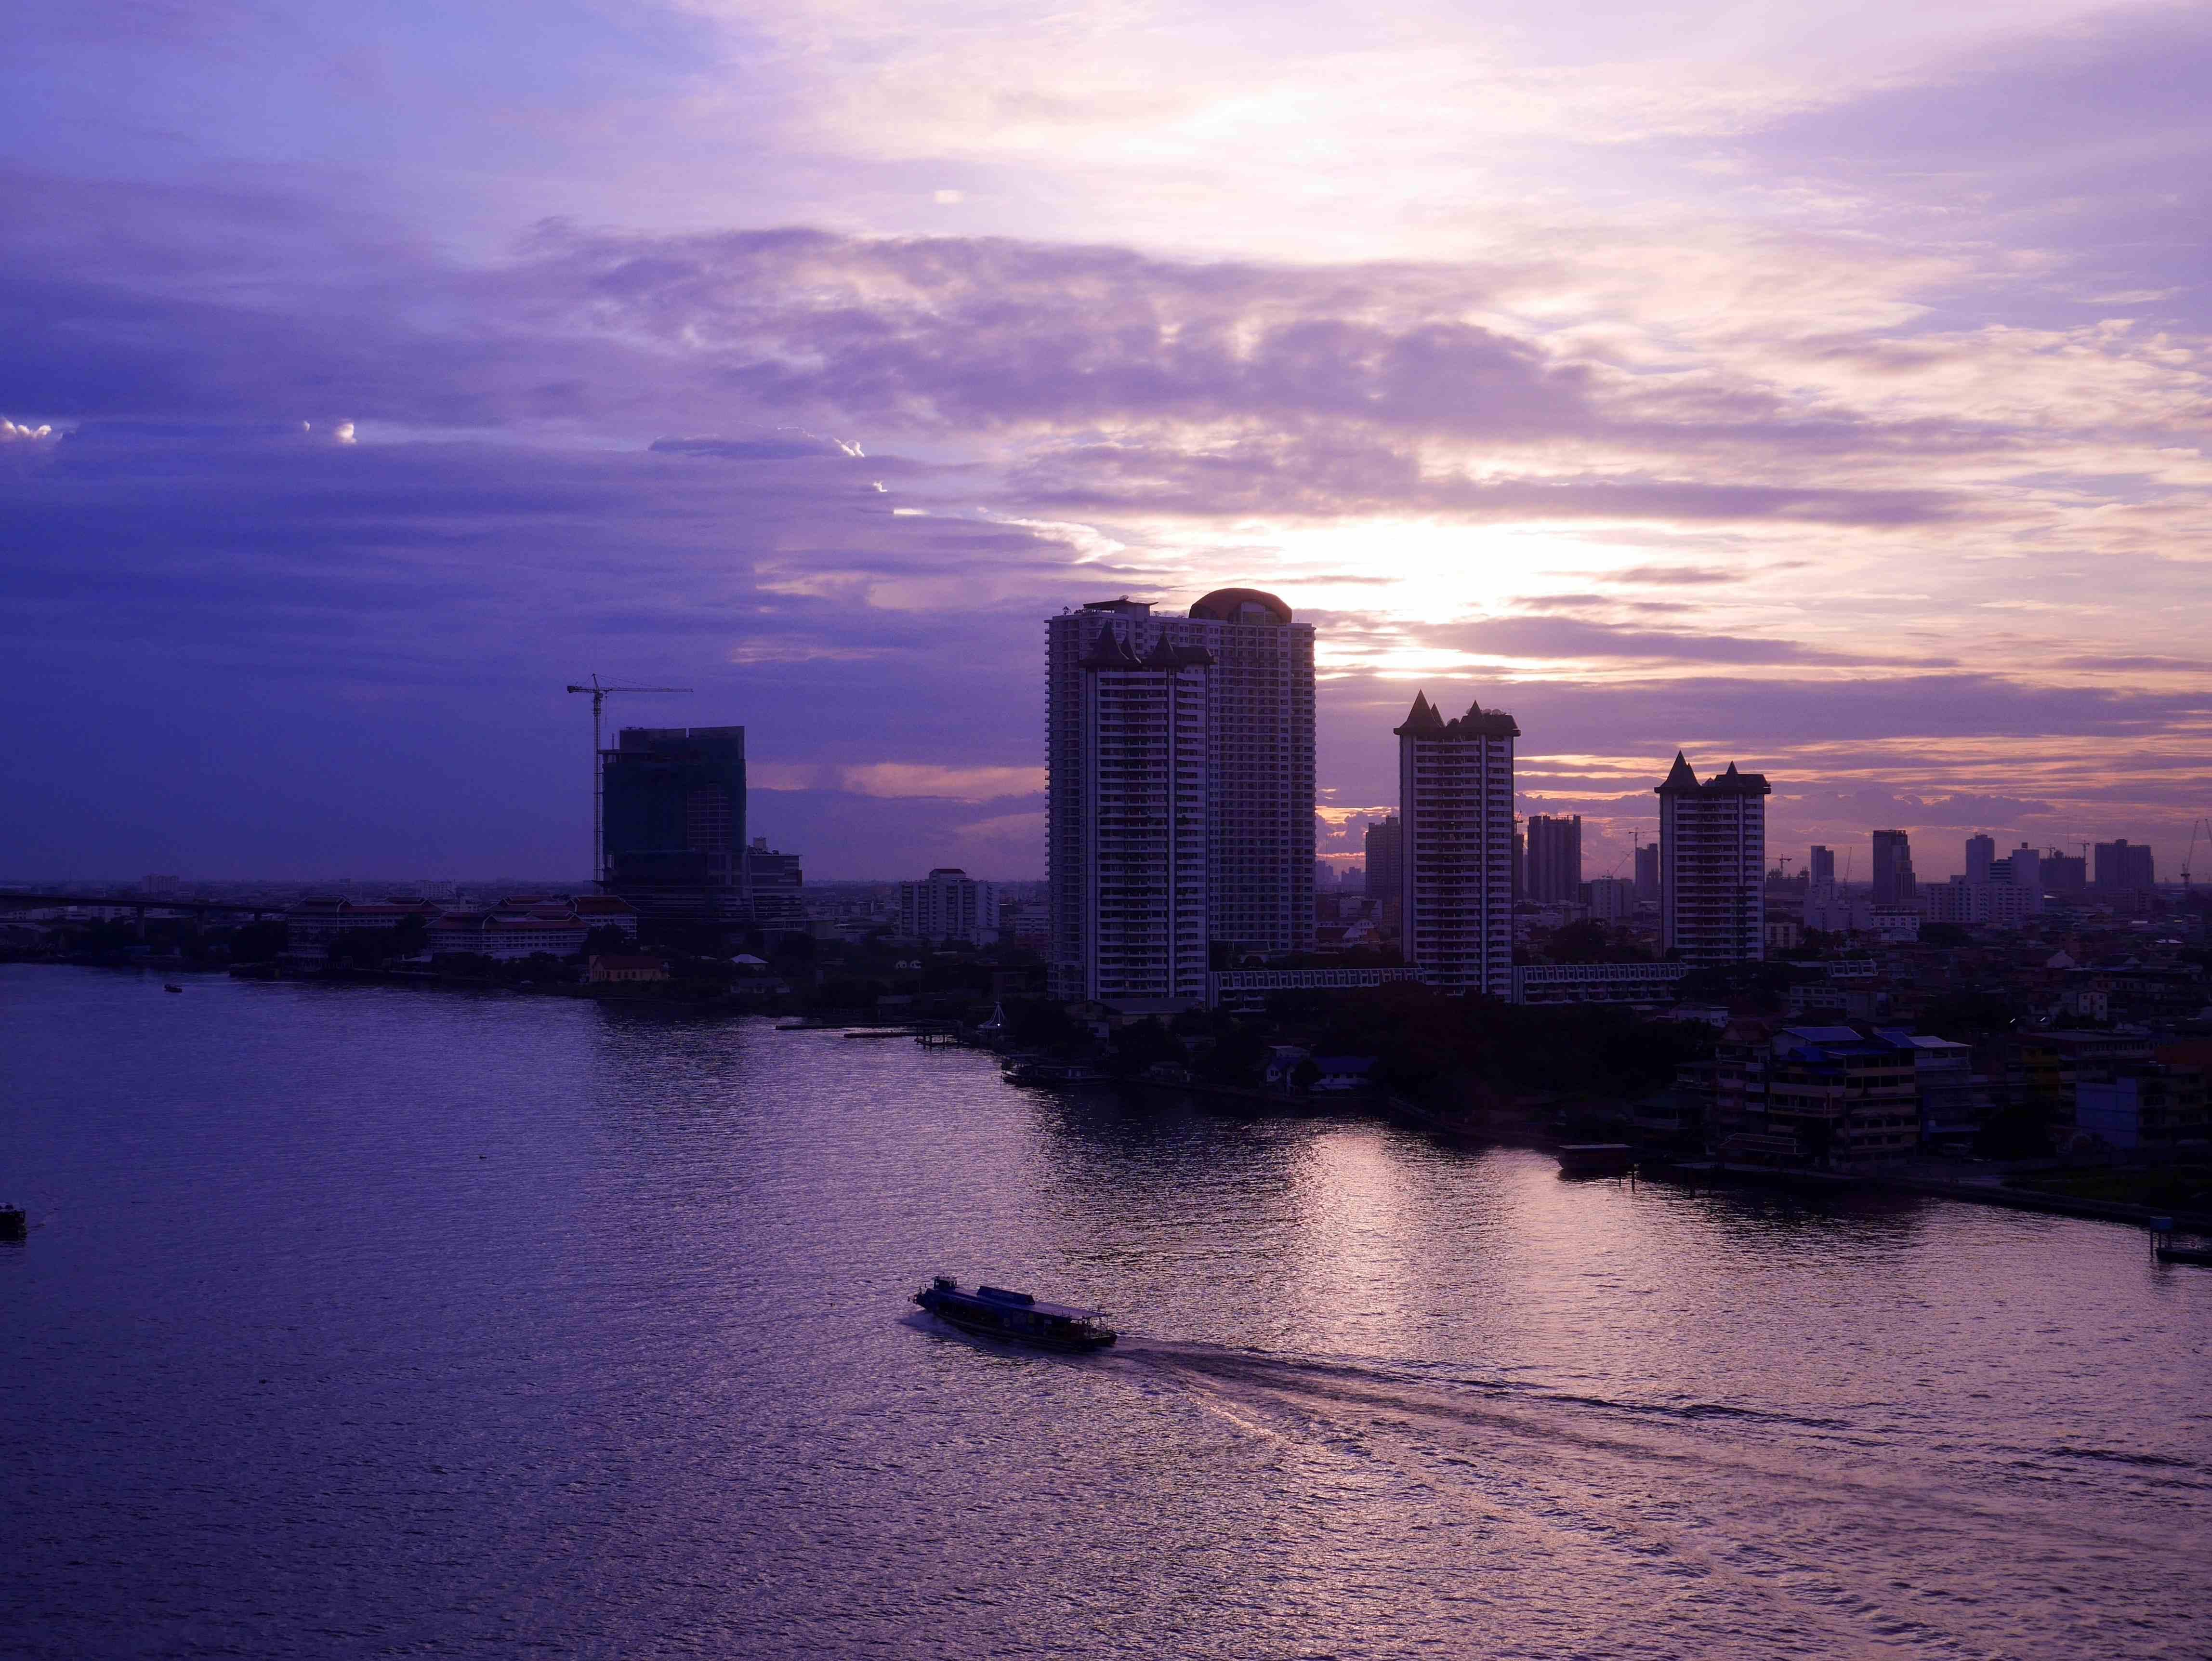 Bangkok bis Koh Samui   Thailand für Einsteiger thailand strand staedtereisen sonne reisebericht asien  tui berlin bangkok ausblick hotel